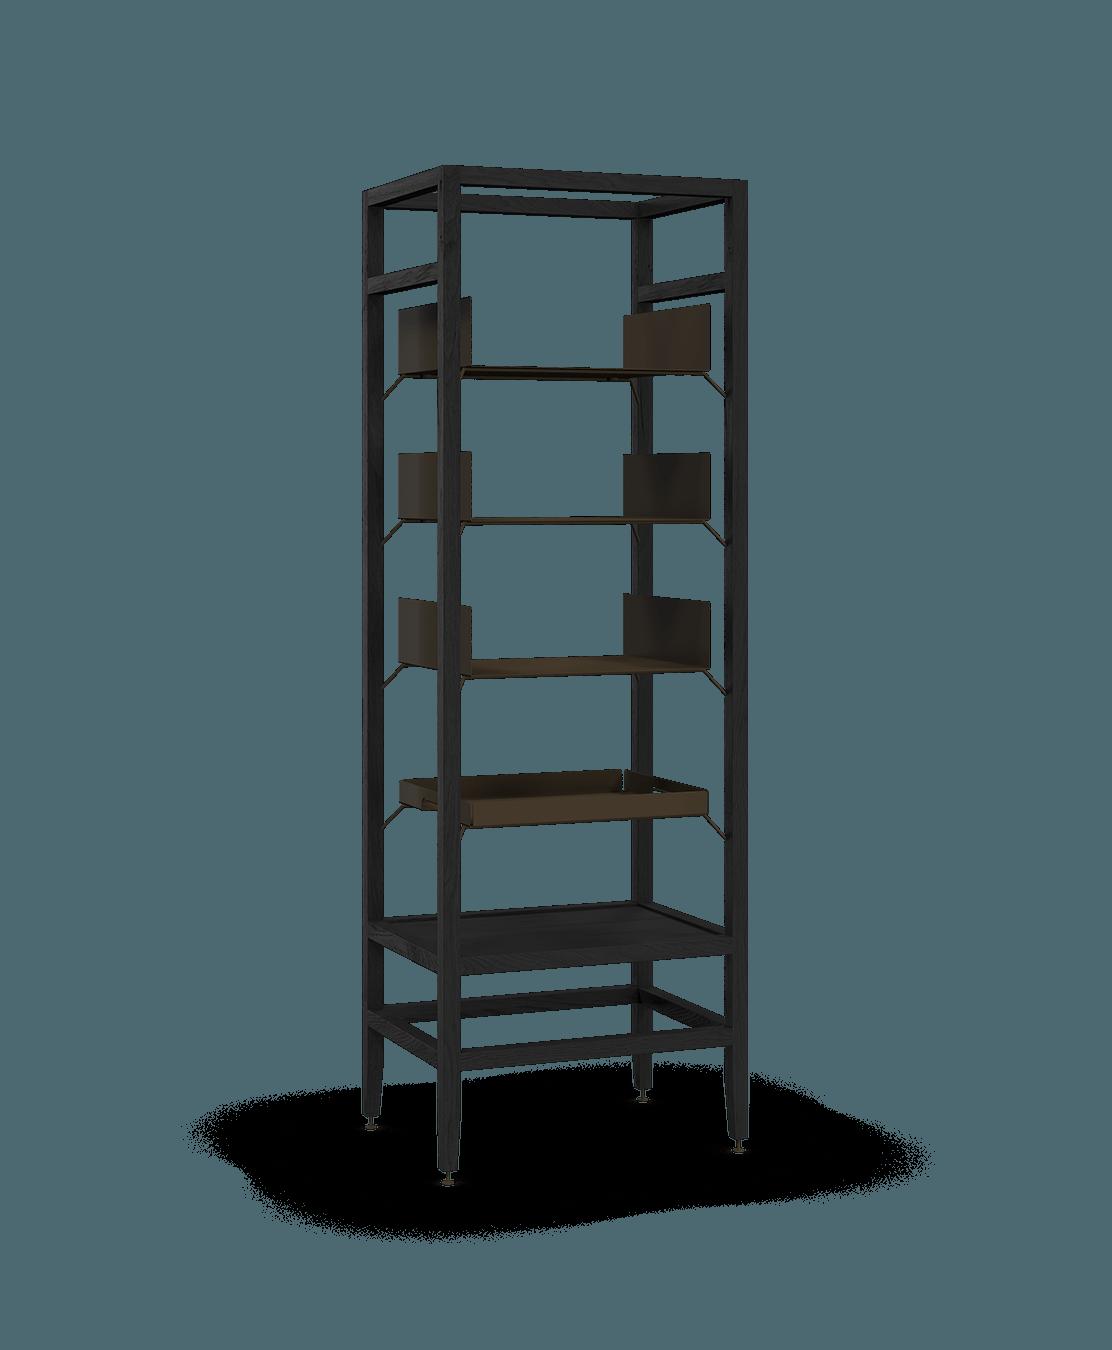 étagère bibliothèque haute modulaire de rangement en bois massif coquo volitare avec 3 tablettes 1 cabaret amovible chêne teint noir nuit profonde 24 pouces C2-S-2418-0001-BK